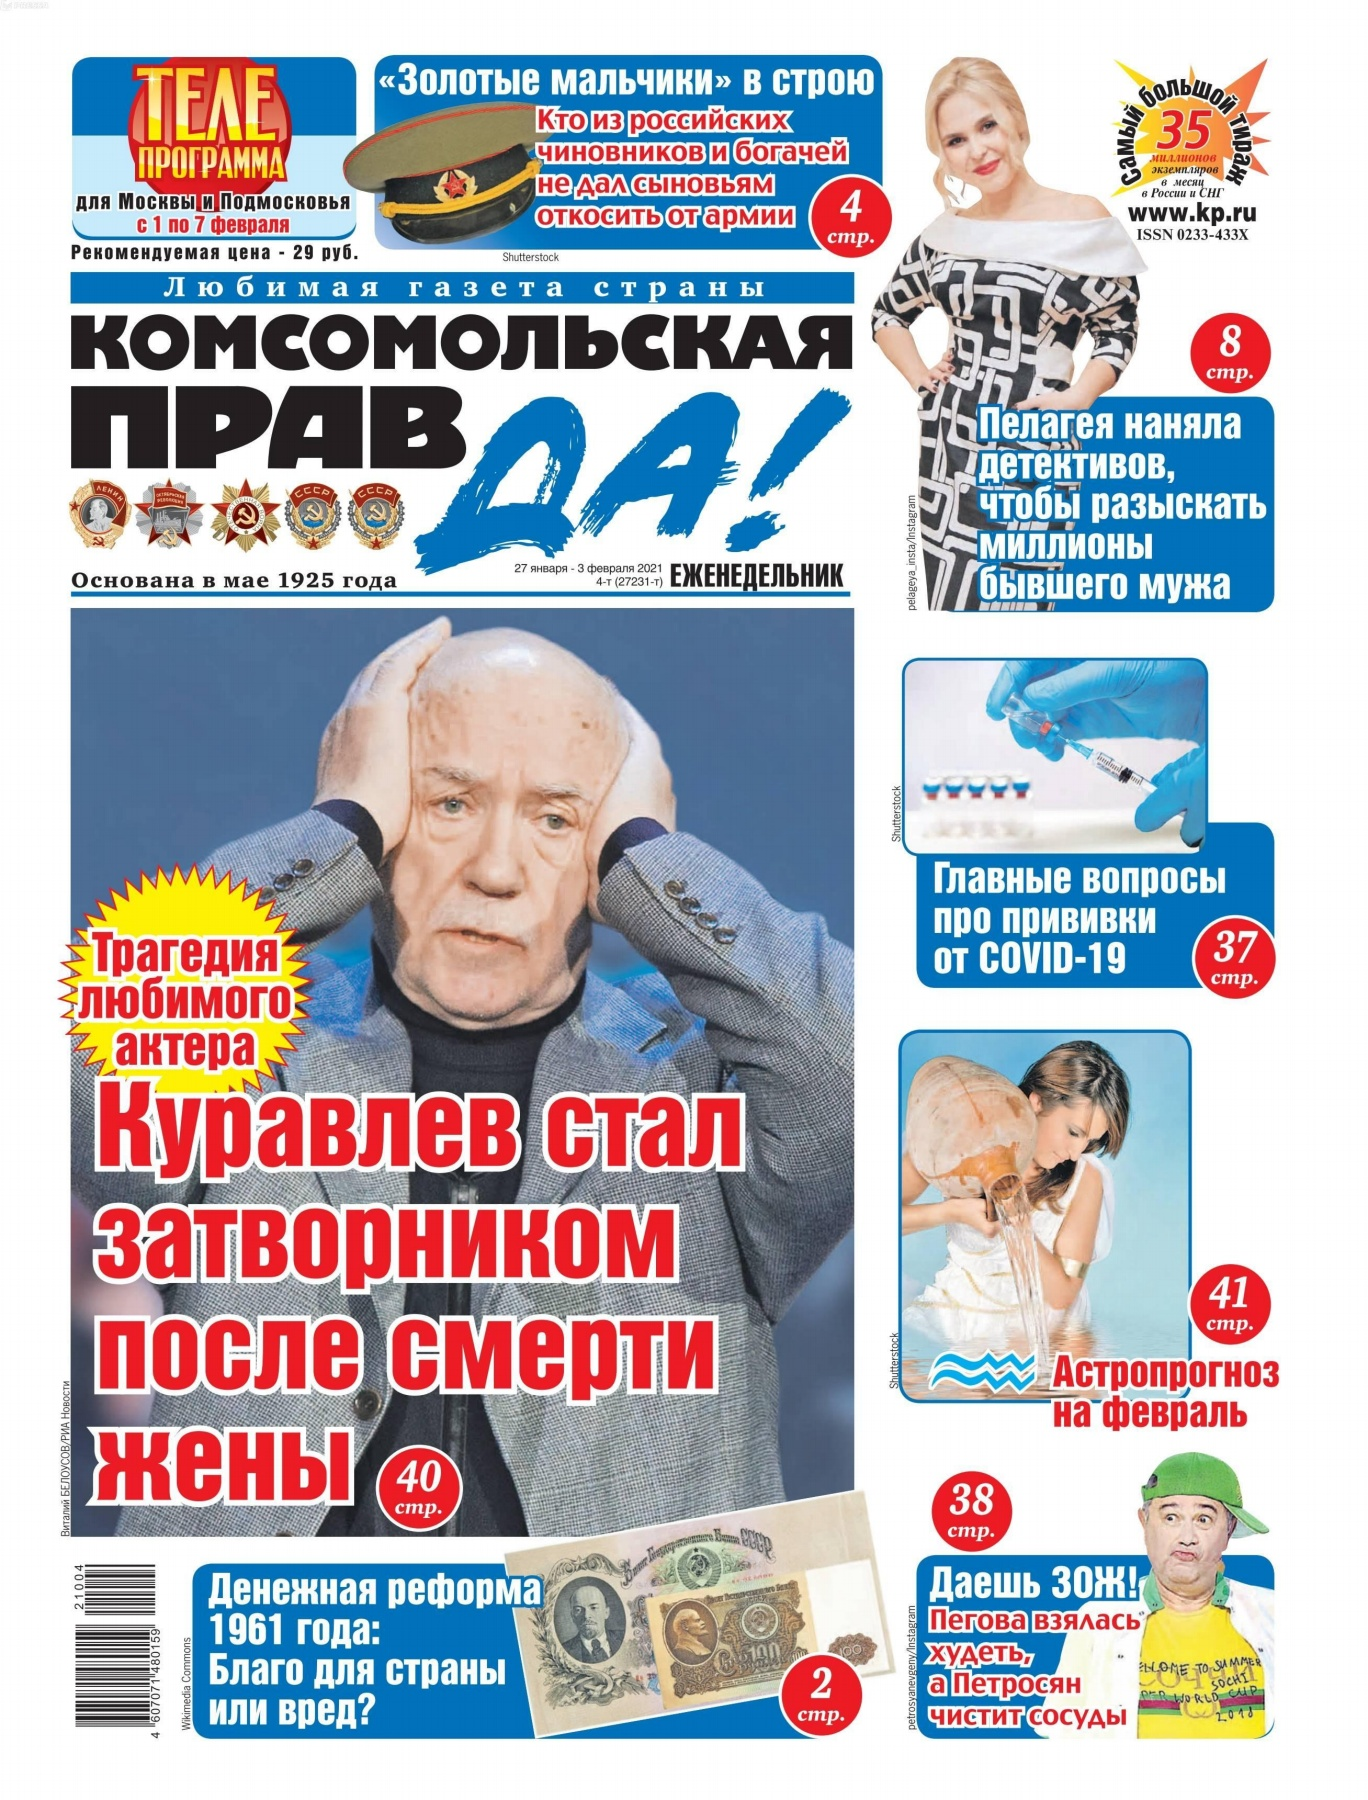 Комсомольская правда №4, январь - февраль 2021